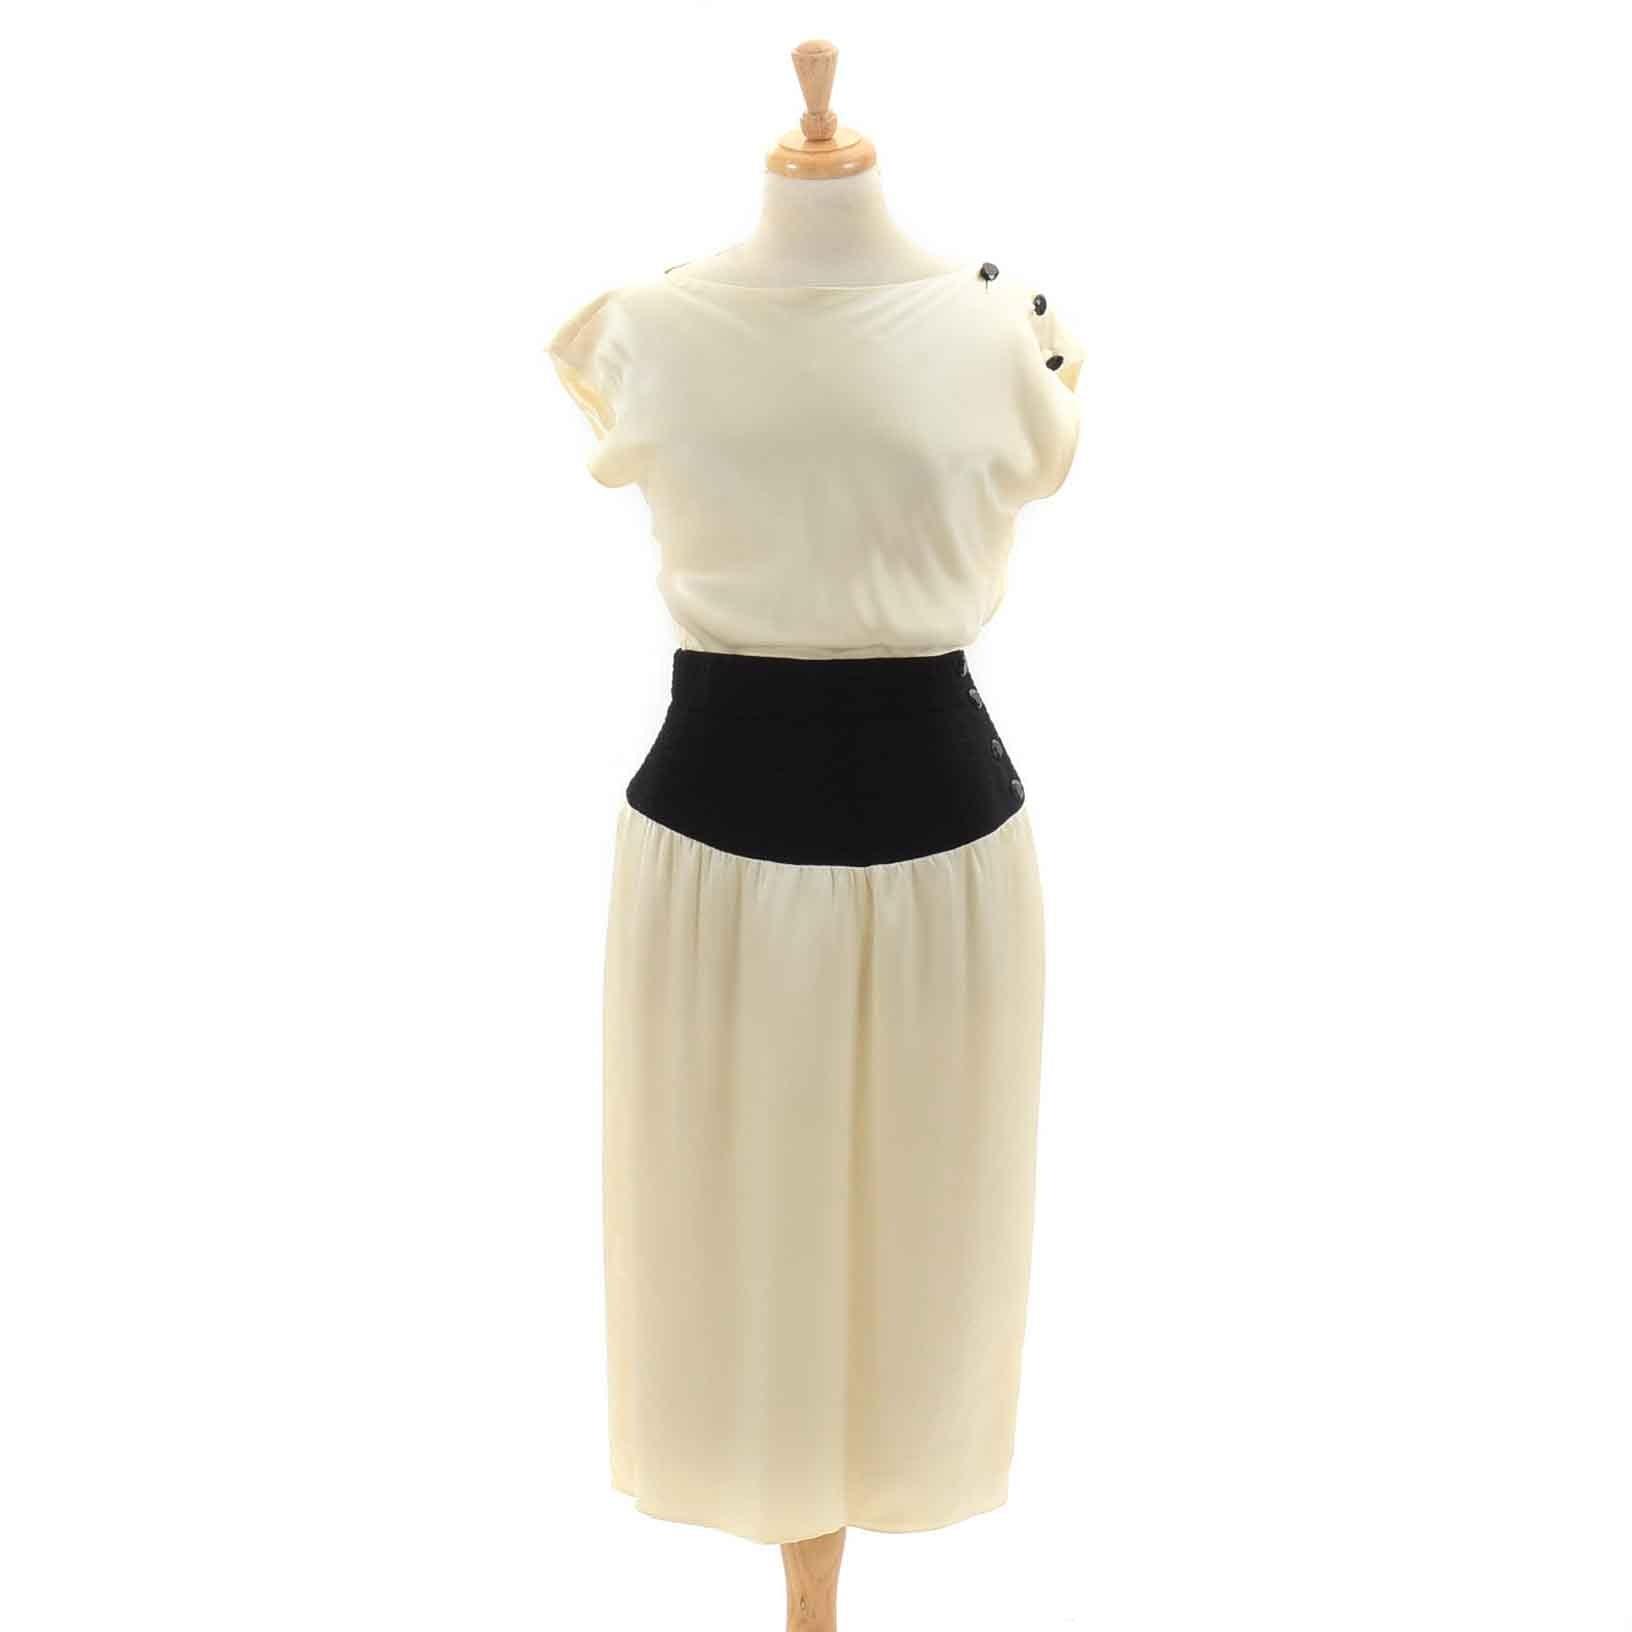 Vintage Oscar De La Renta Silk Dress